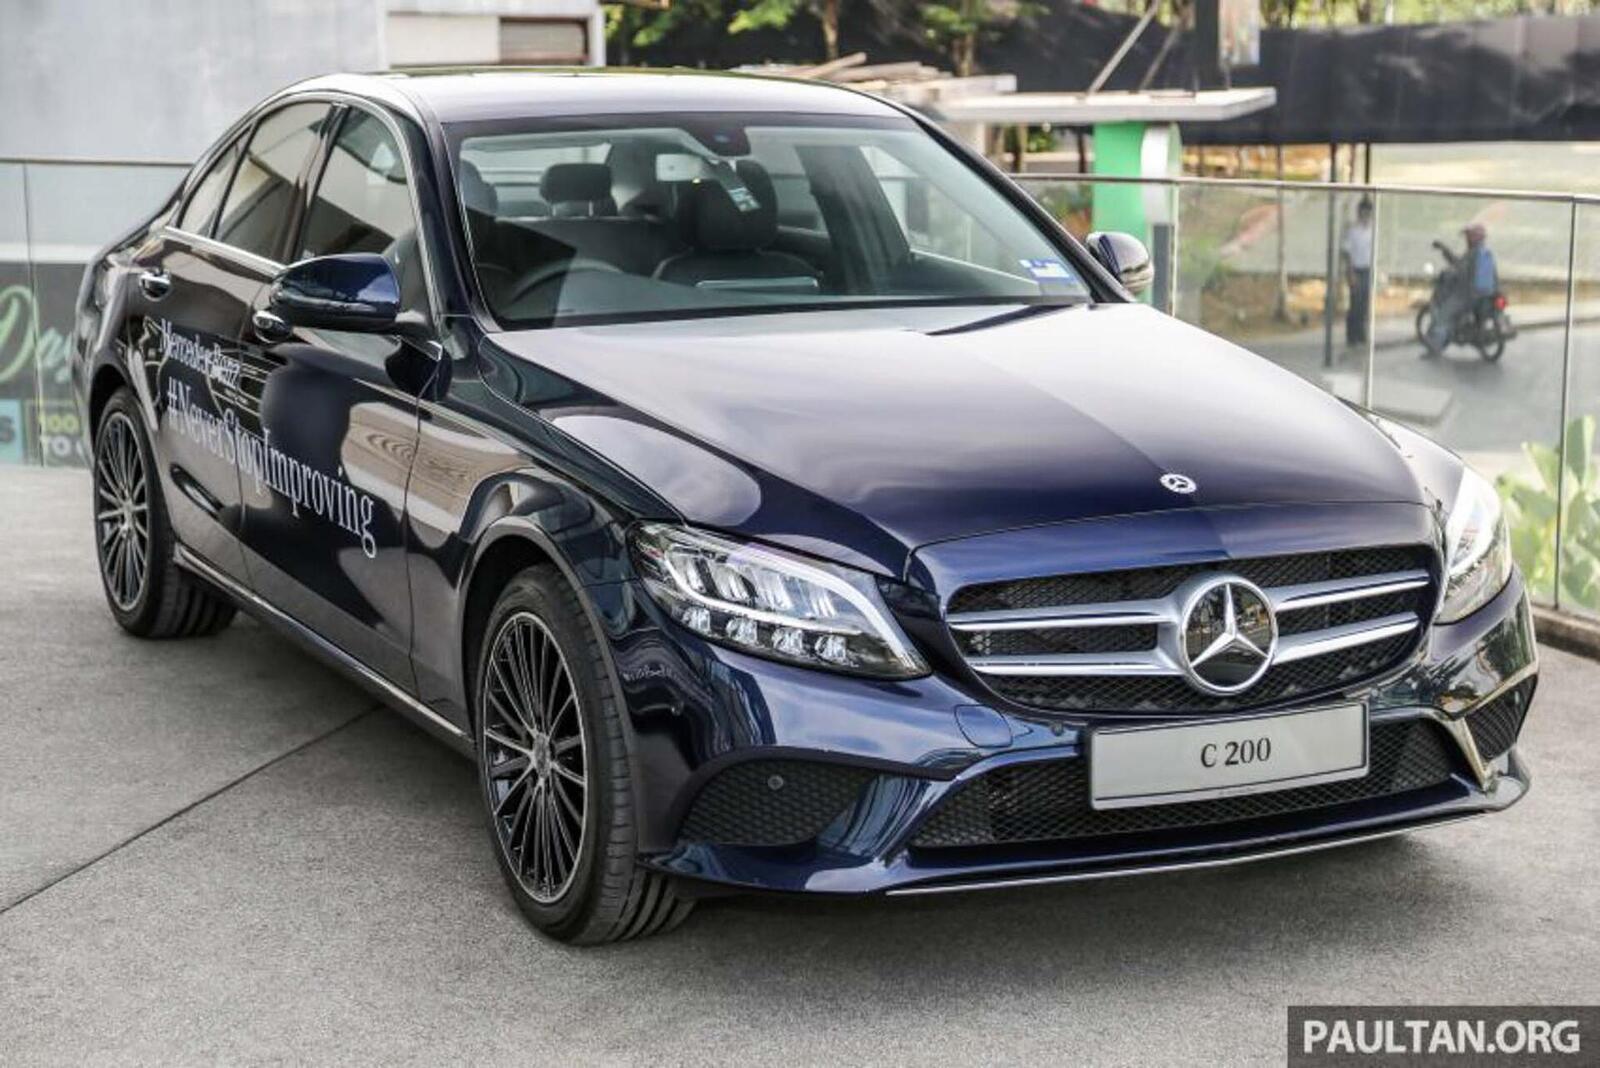 Sau Malaysia, Mercedes-Benz Việt Nam sắp sửa giới thiệu C-Class 2019? - Hình 14